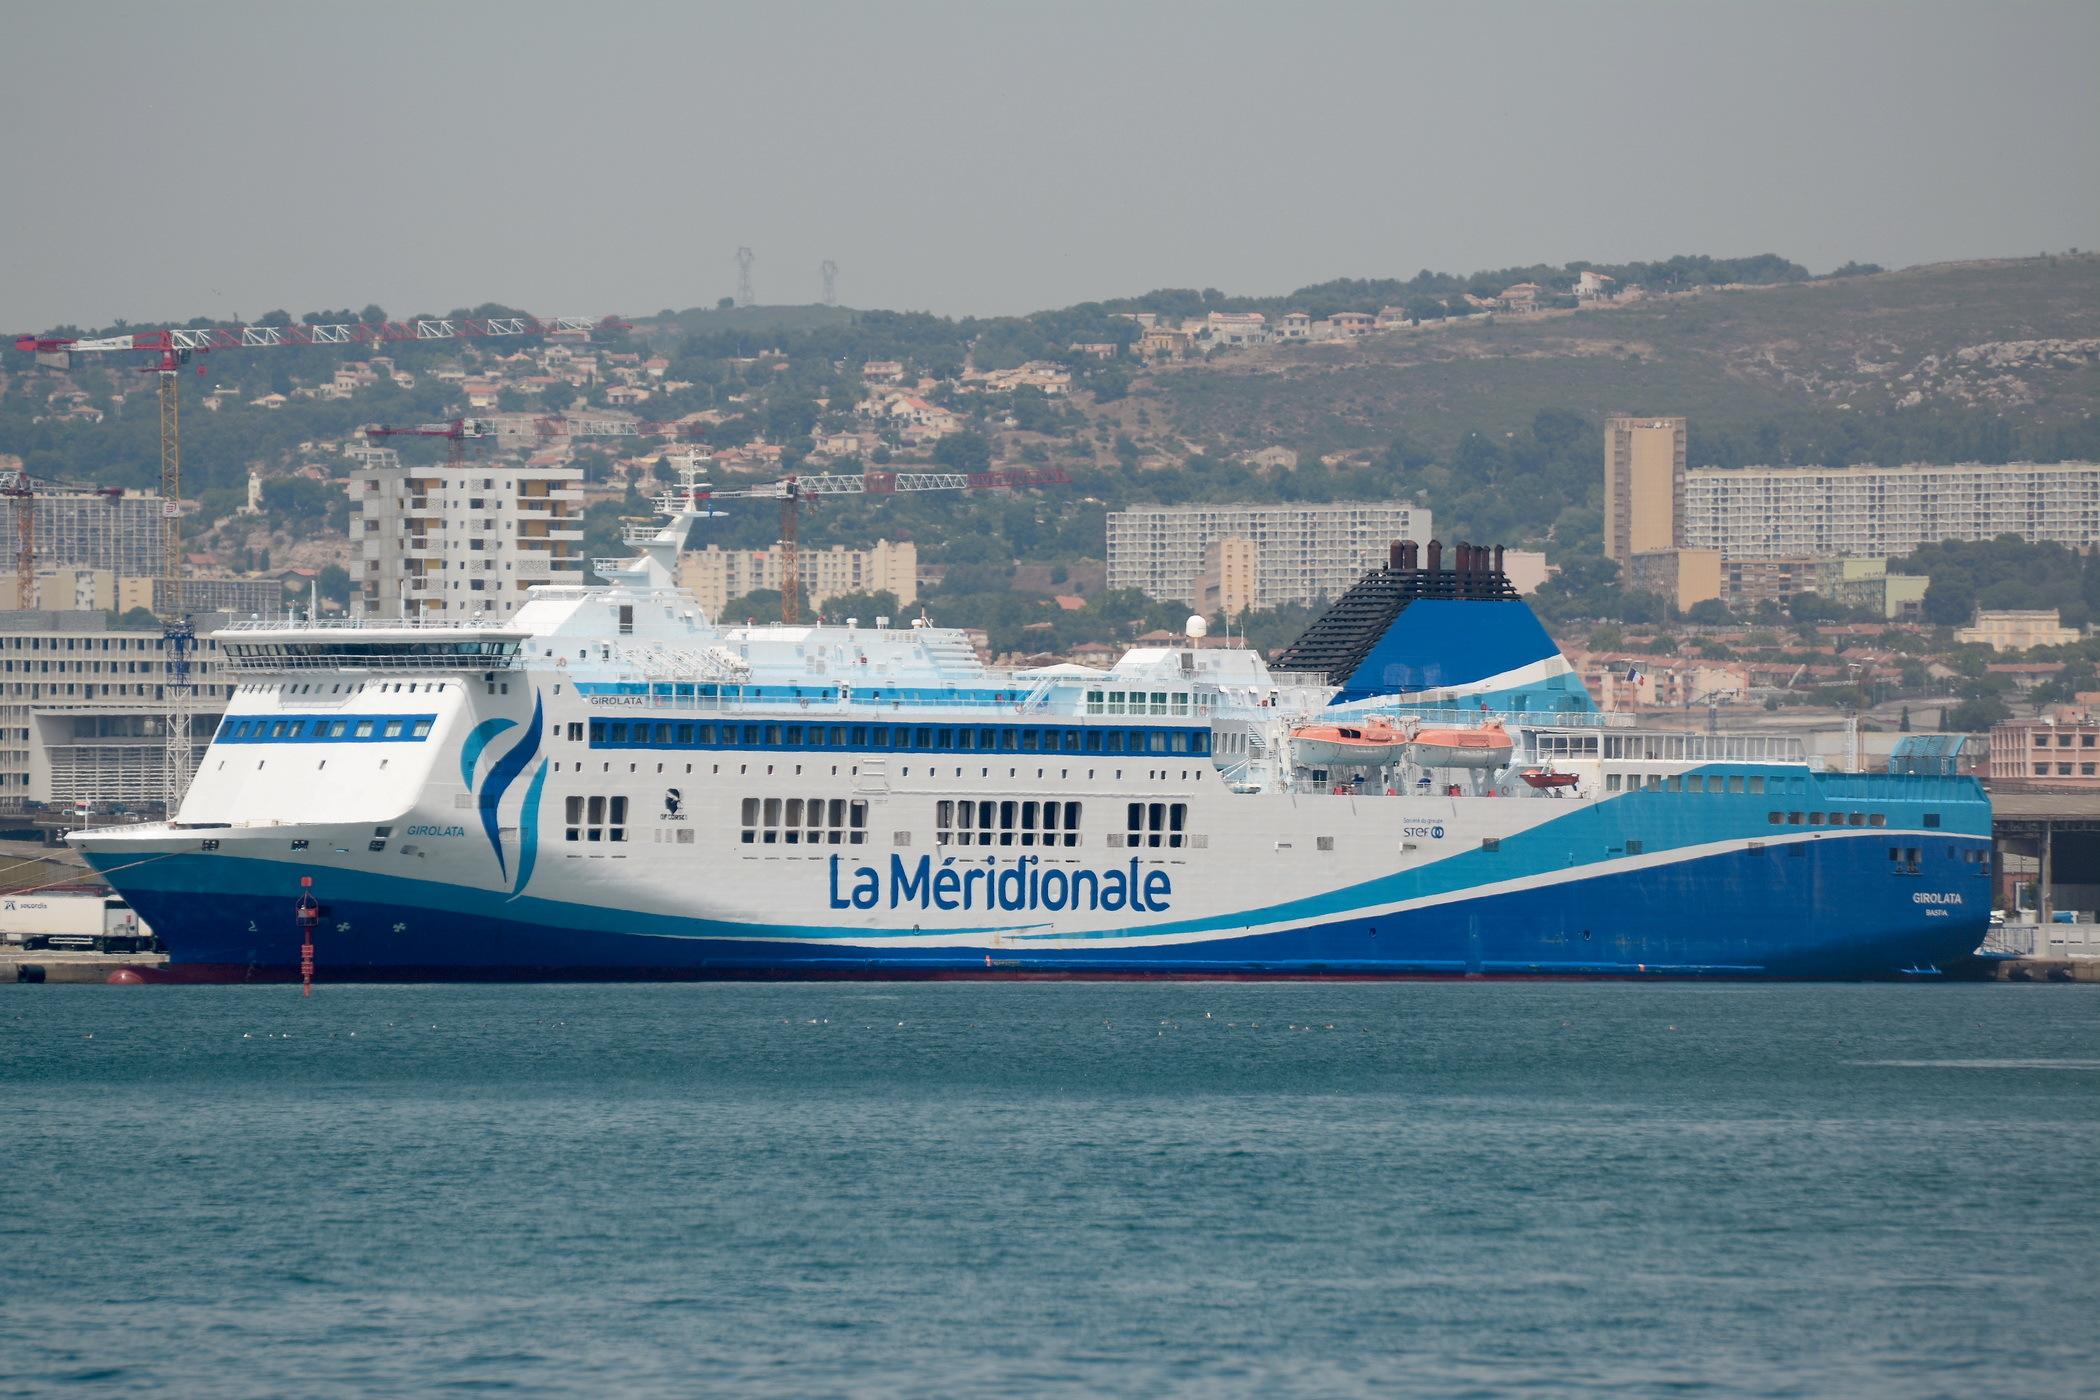 Girolata_08-07-17_Marseille_2.jpg